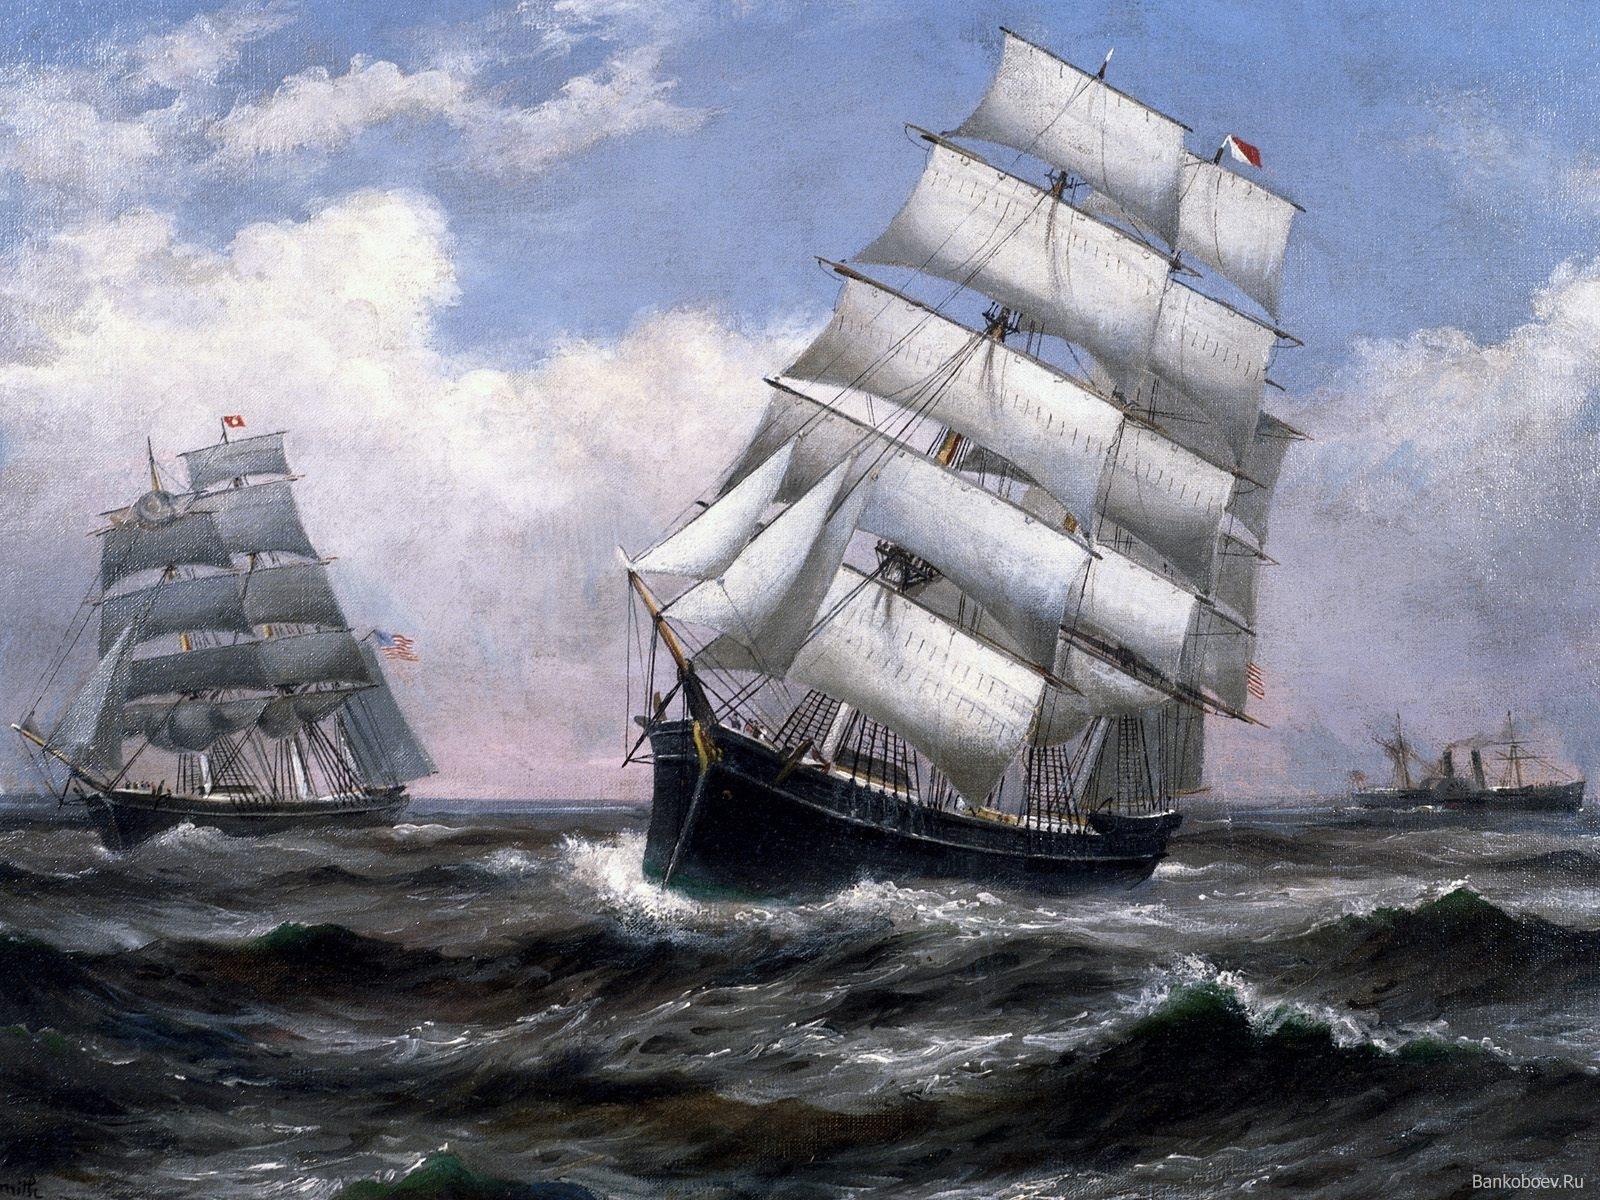 6285 скачать обои Транспорт, Корабли, Море, Картины, Рисунки - заставки и картинки бесплатно